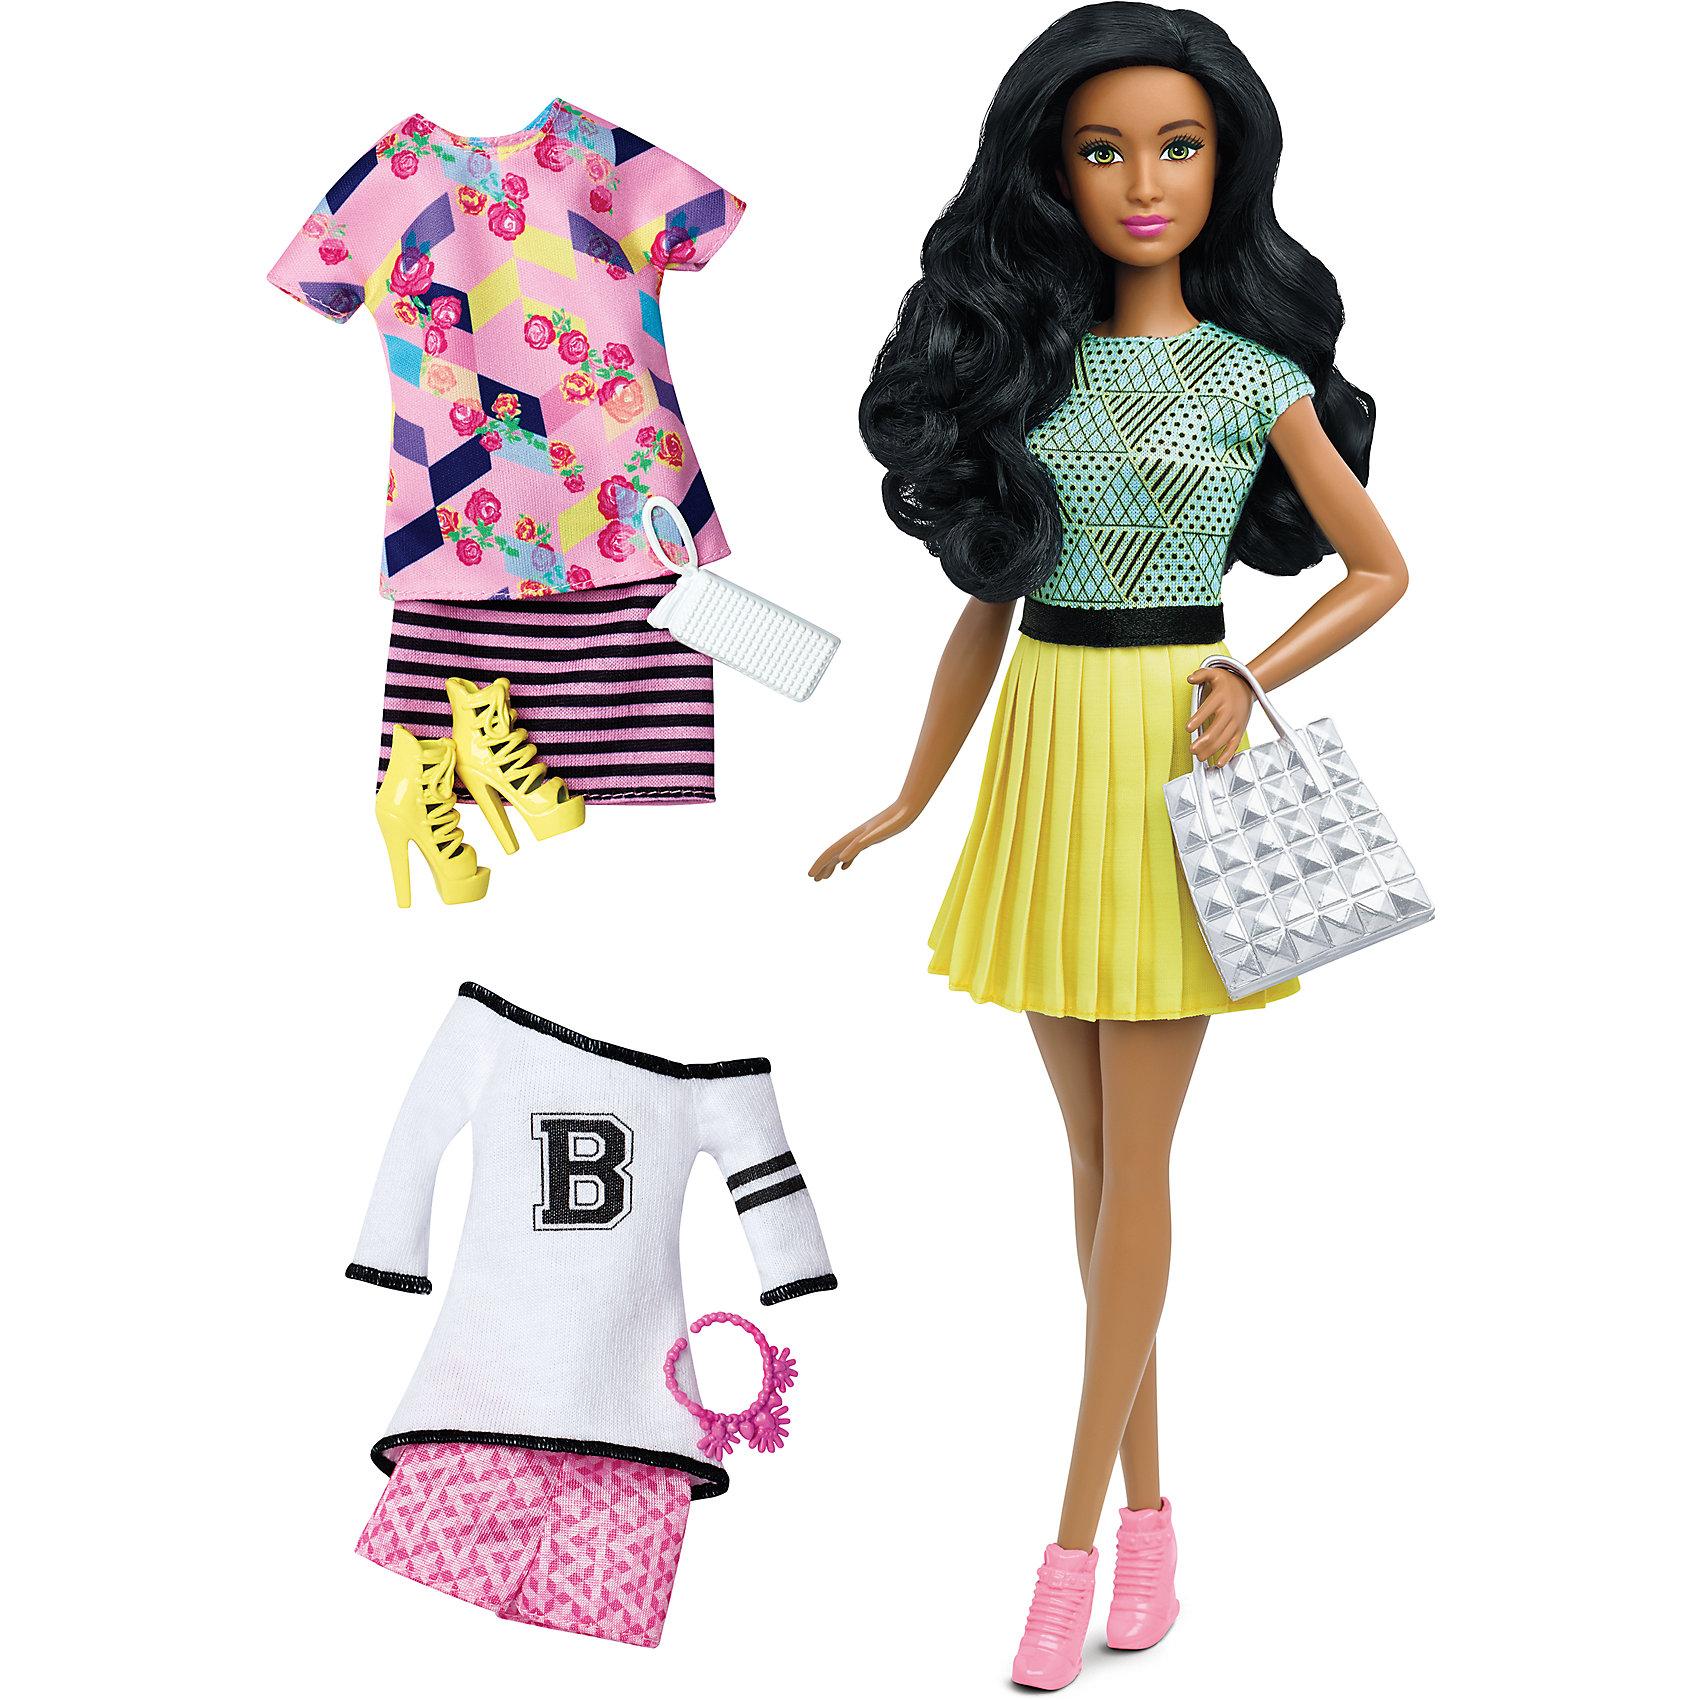 Mattel Кукла + набор одежды, Barbie куклы barbie кукла барби fashionistas эволюция барби с набором одежды